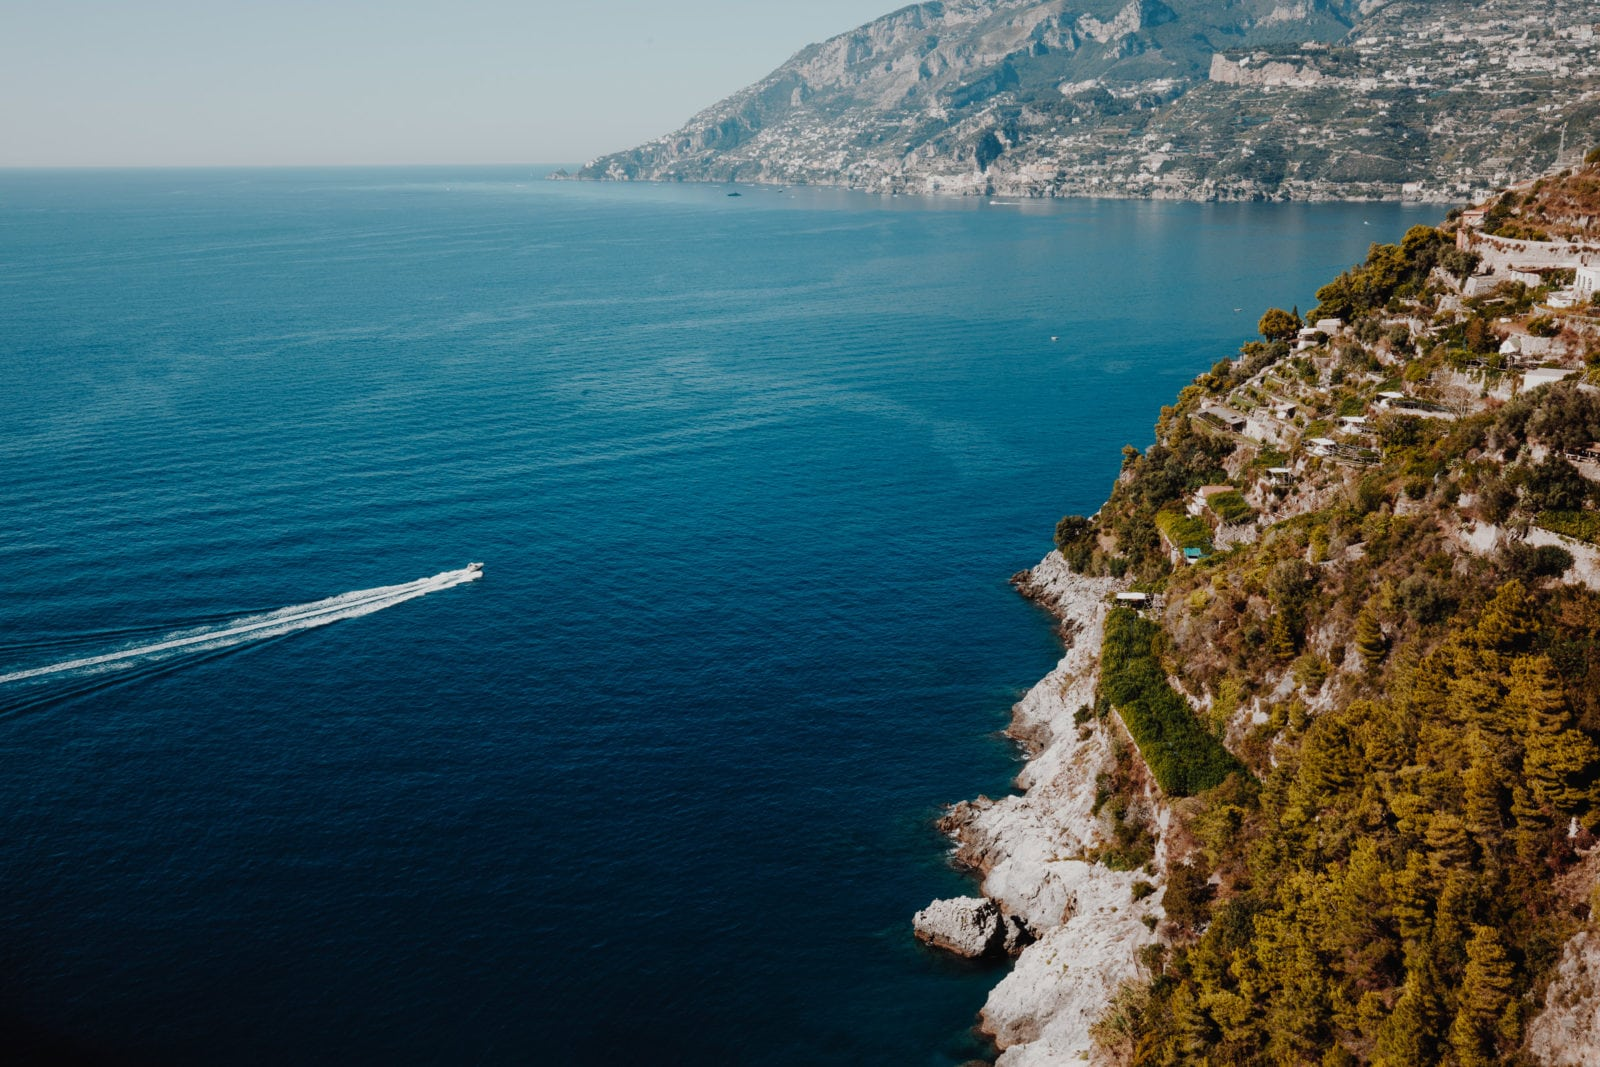 Amalfitana Blick auf Mittelmeer